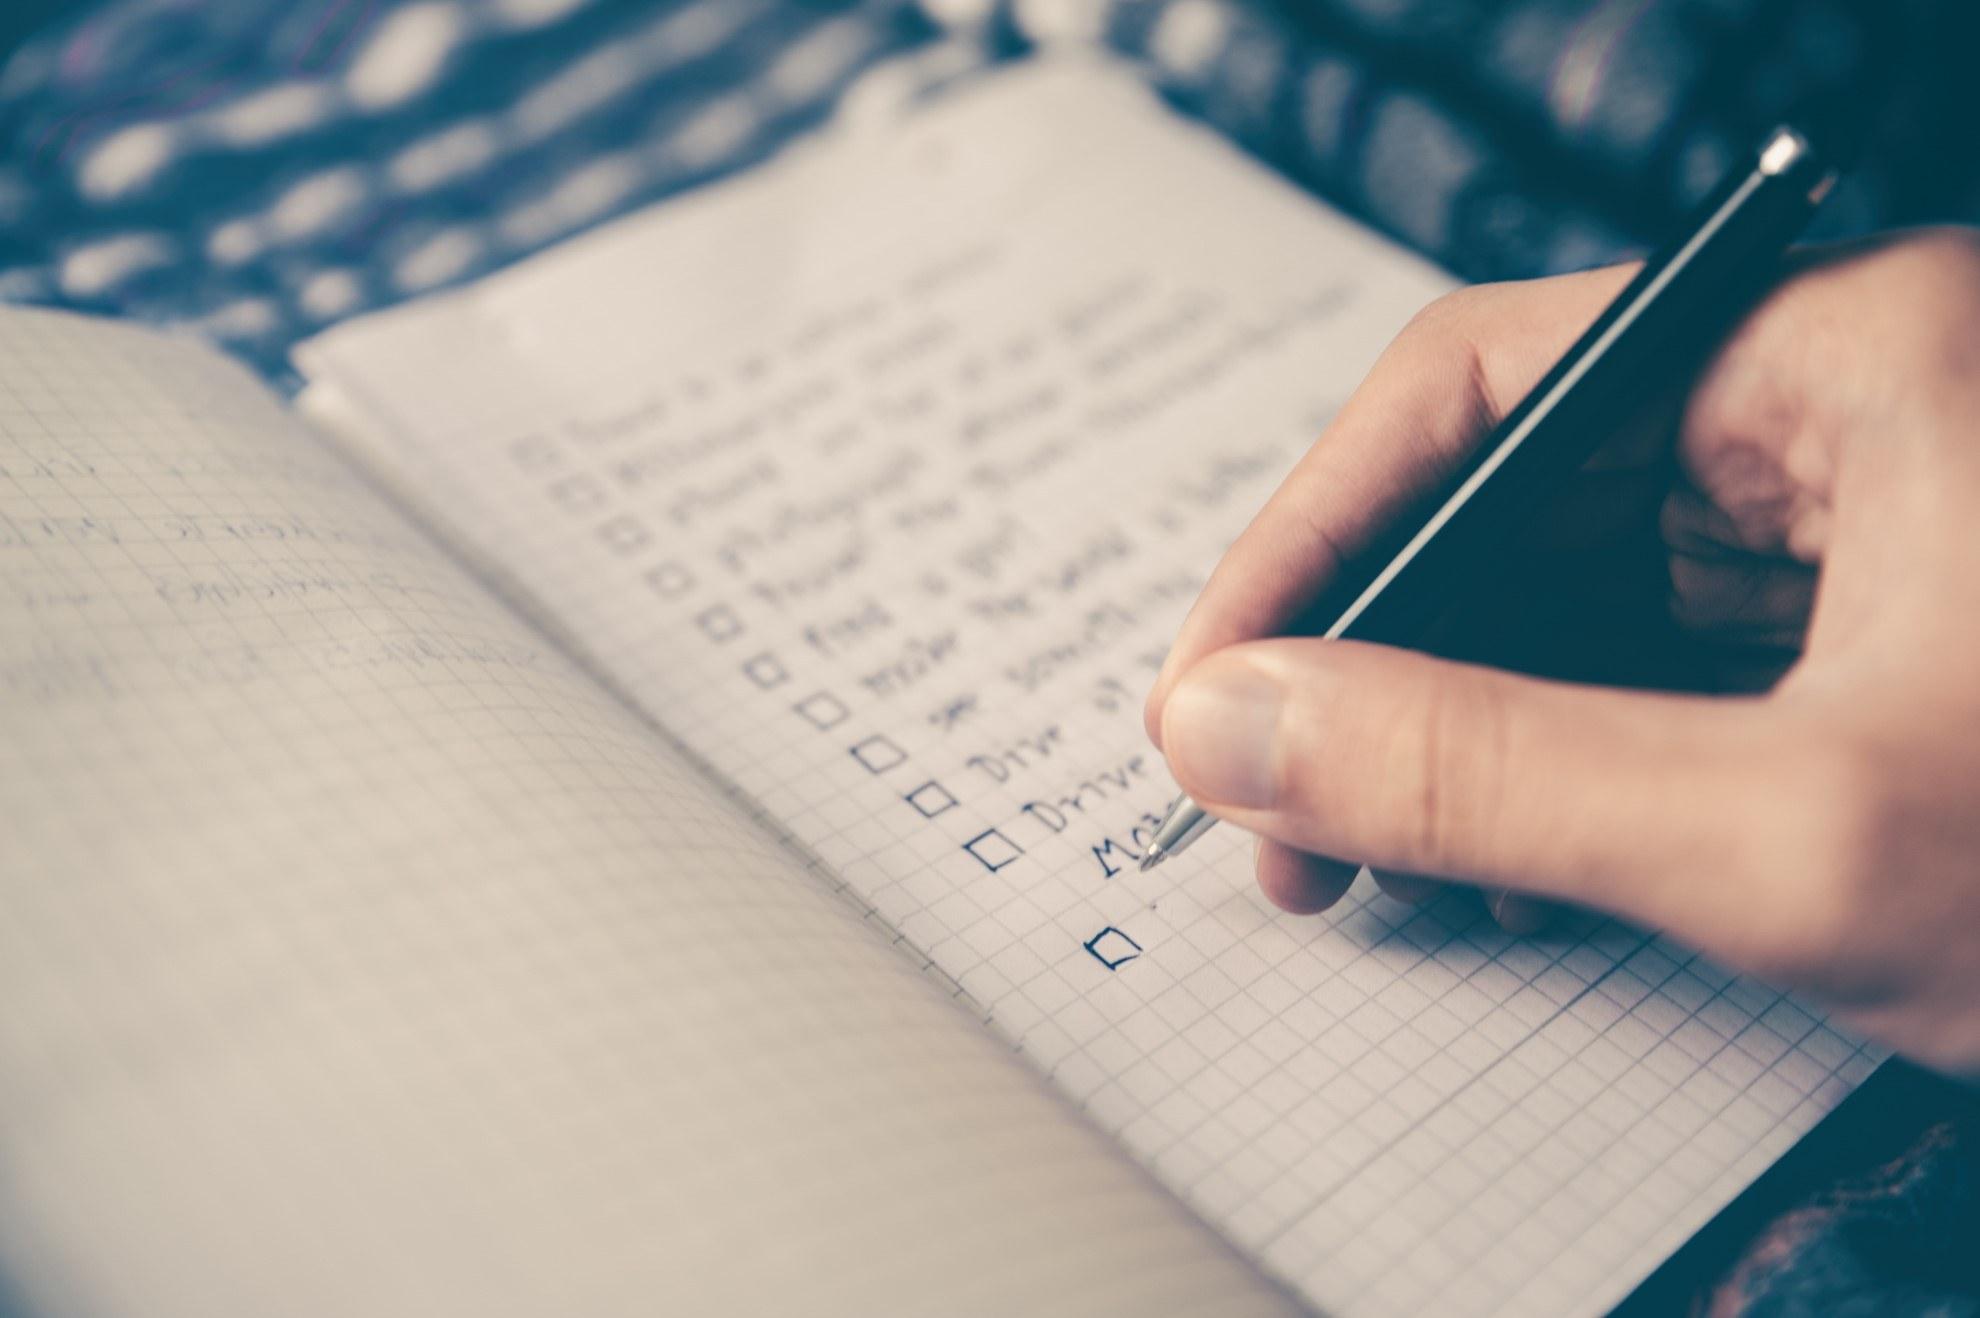 afaceri cu bani putini lista nevoi organiare evenimente